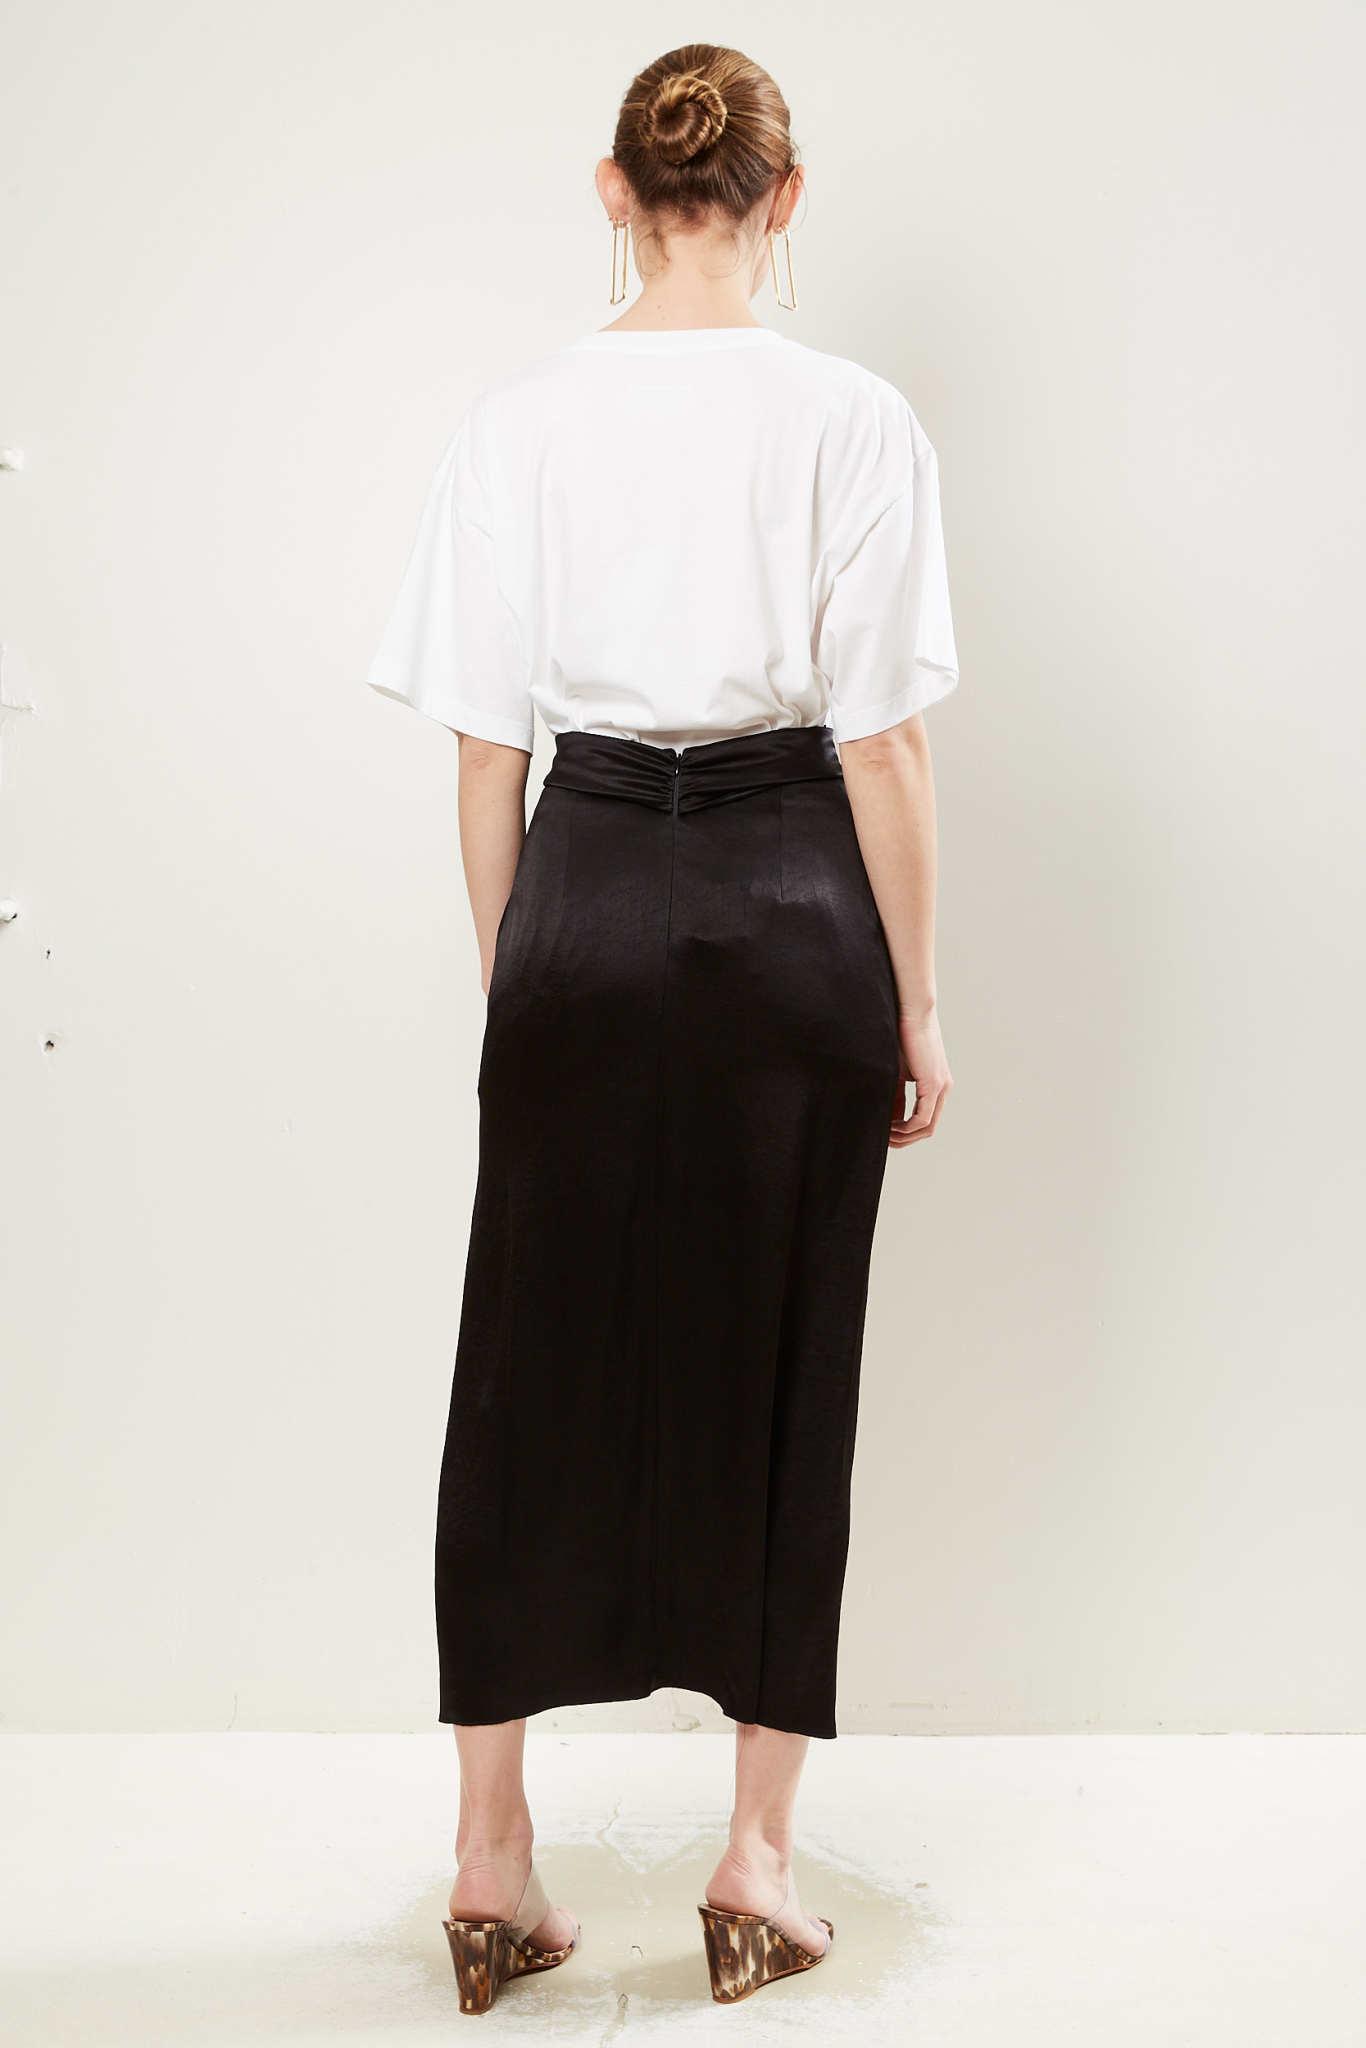 Nanushka - Samara washed satin skirt